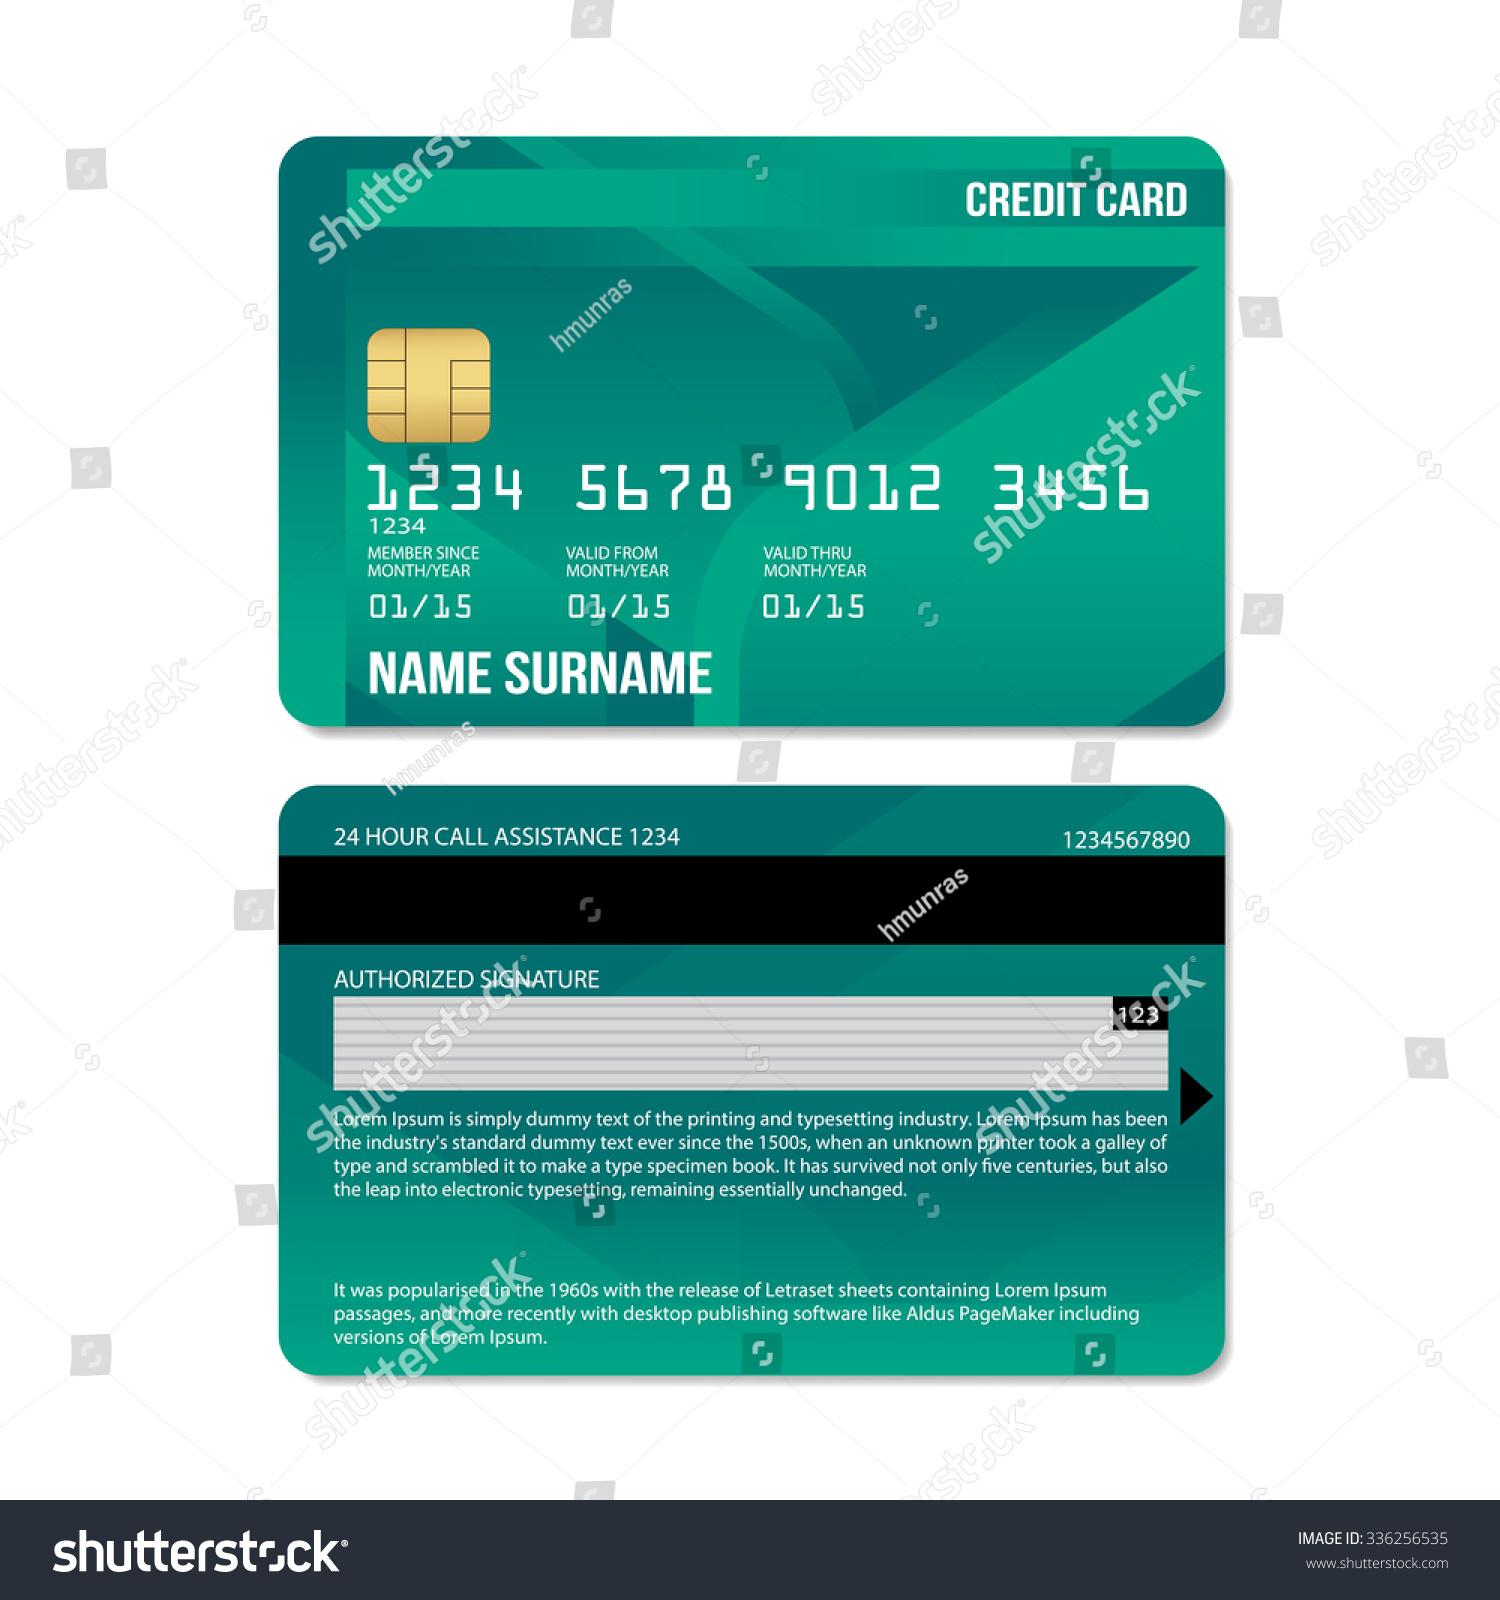 credit card specimen